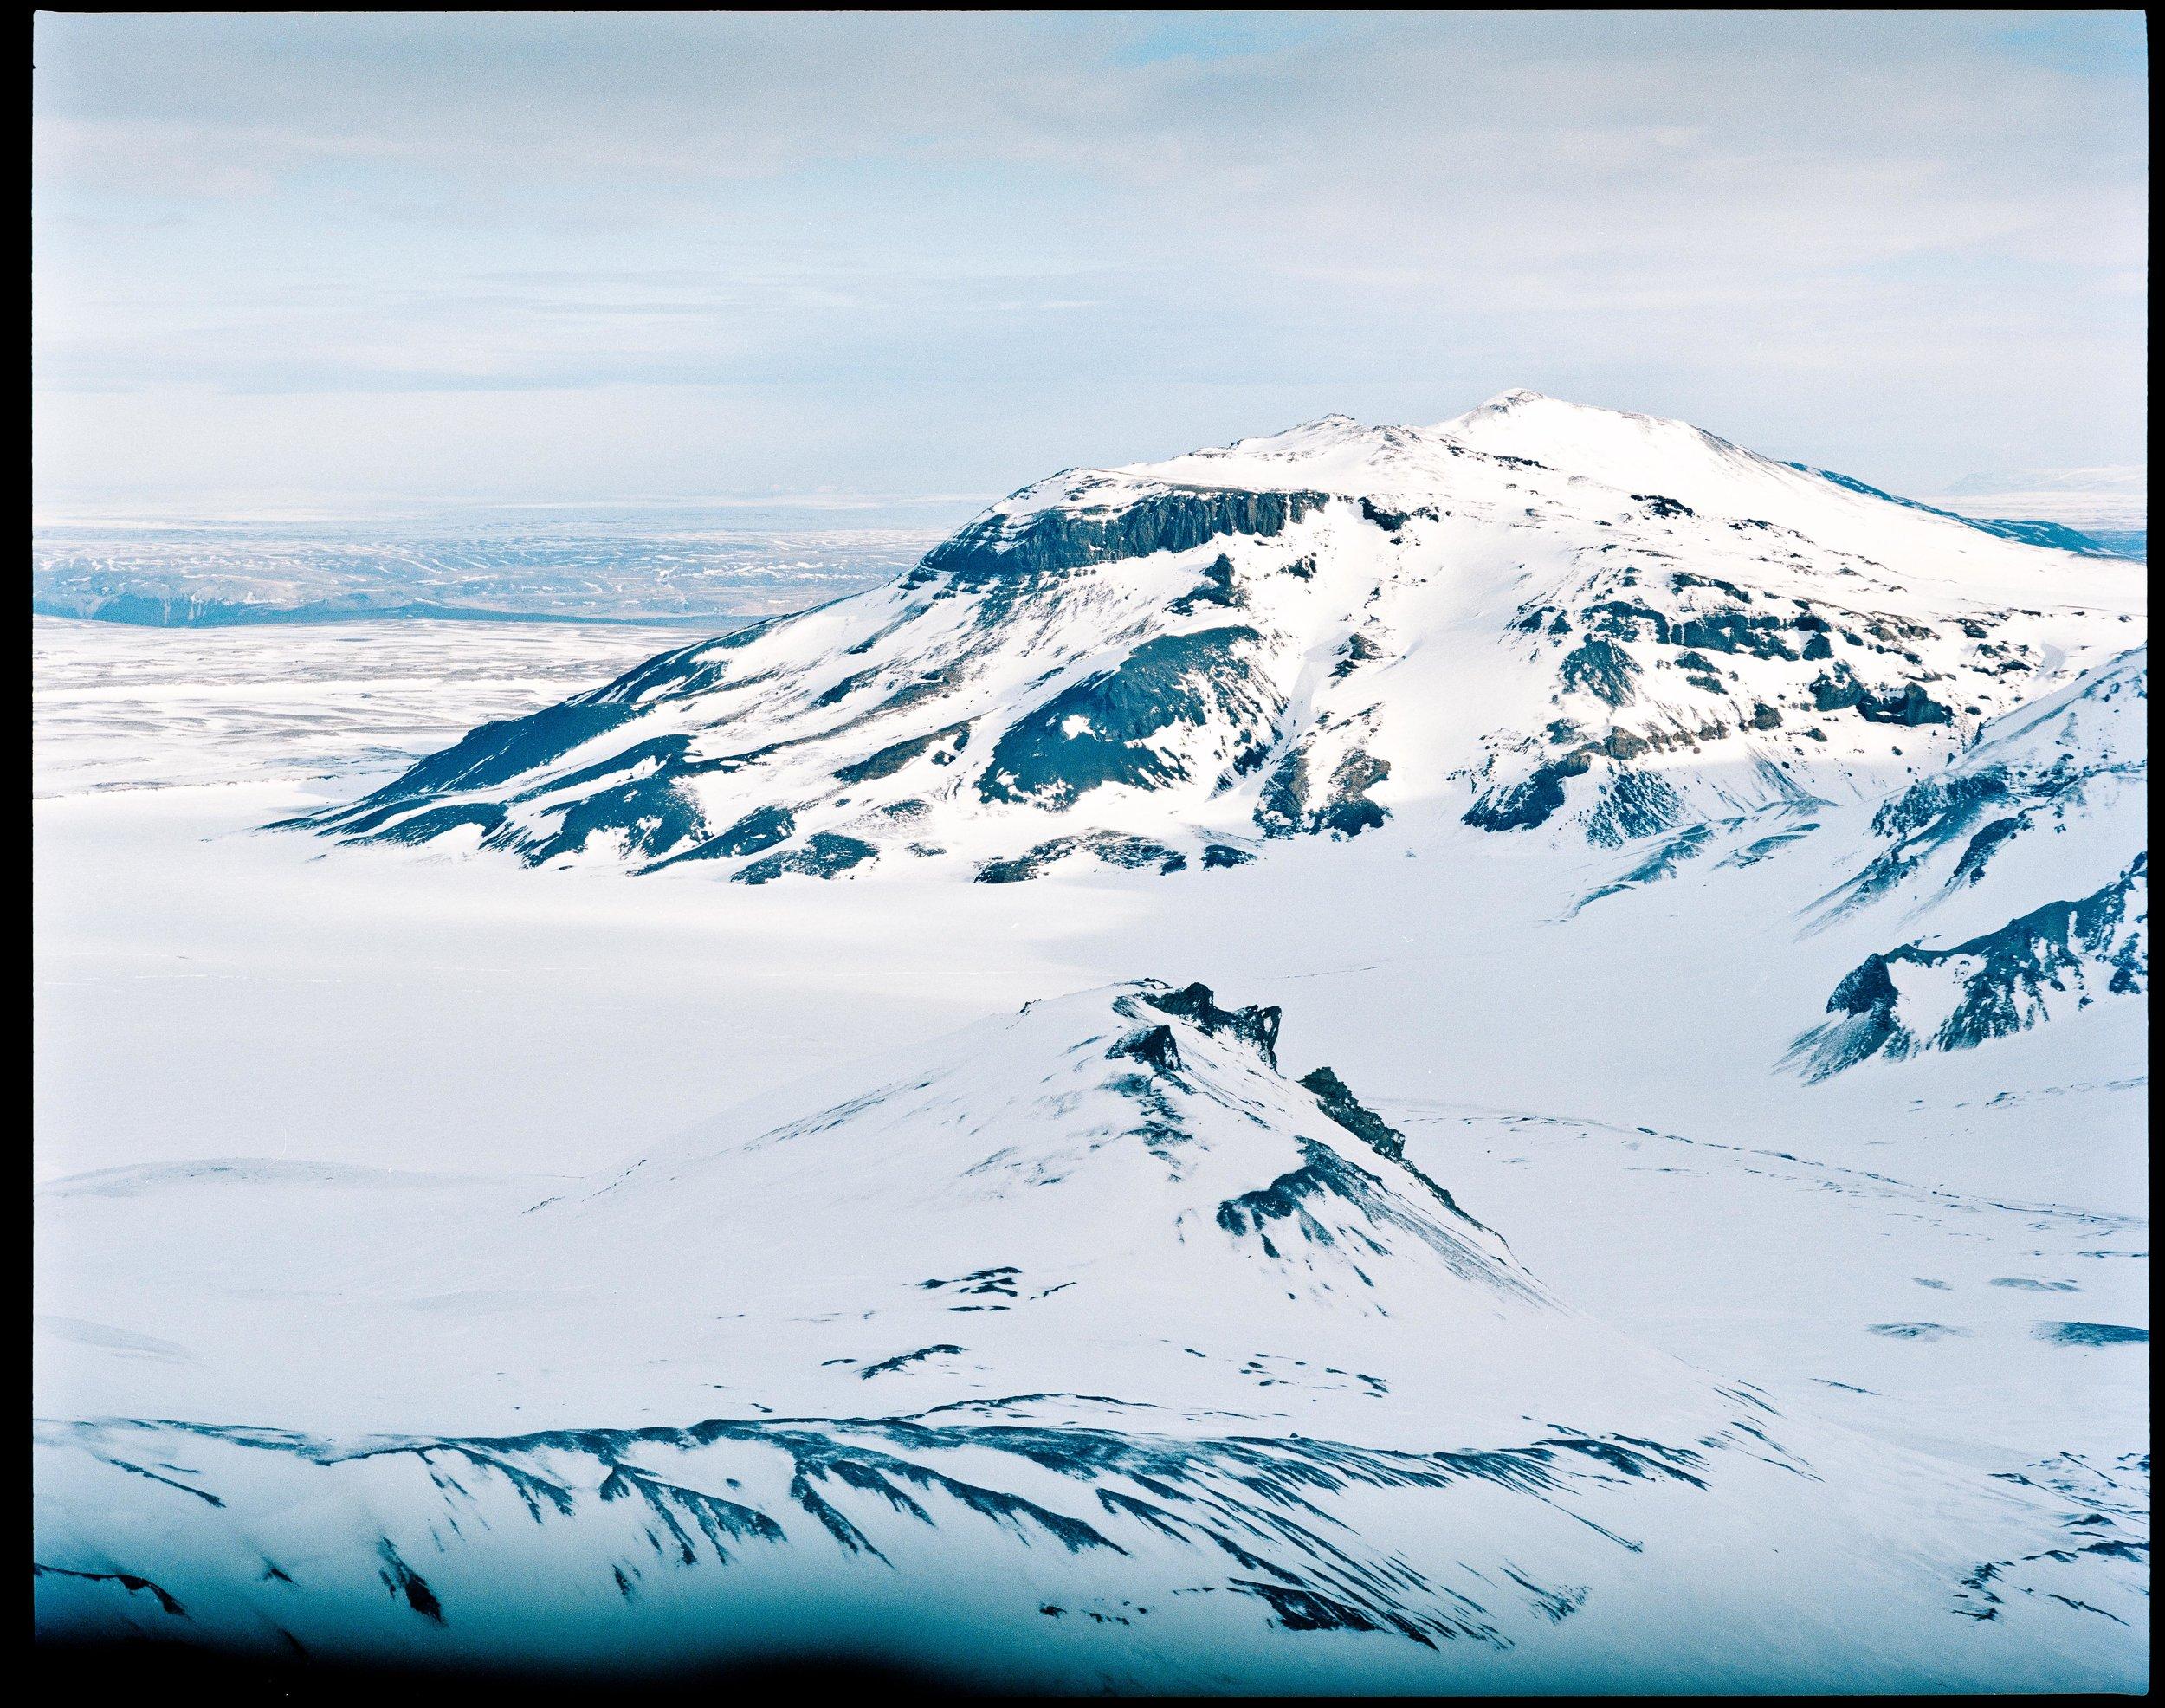 Þórisjökull 2018_Katrina Jane Perry-9.jpg